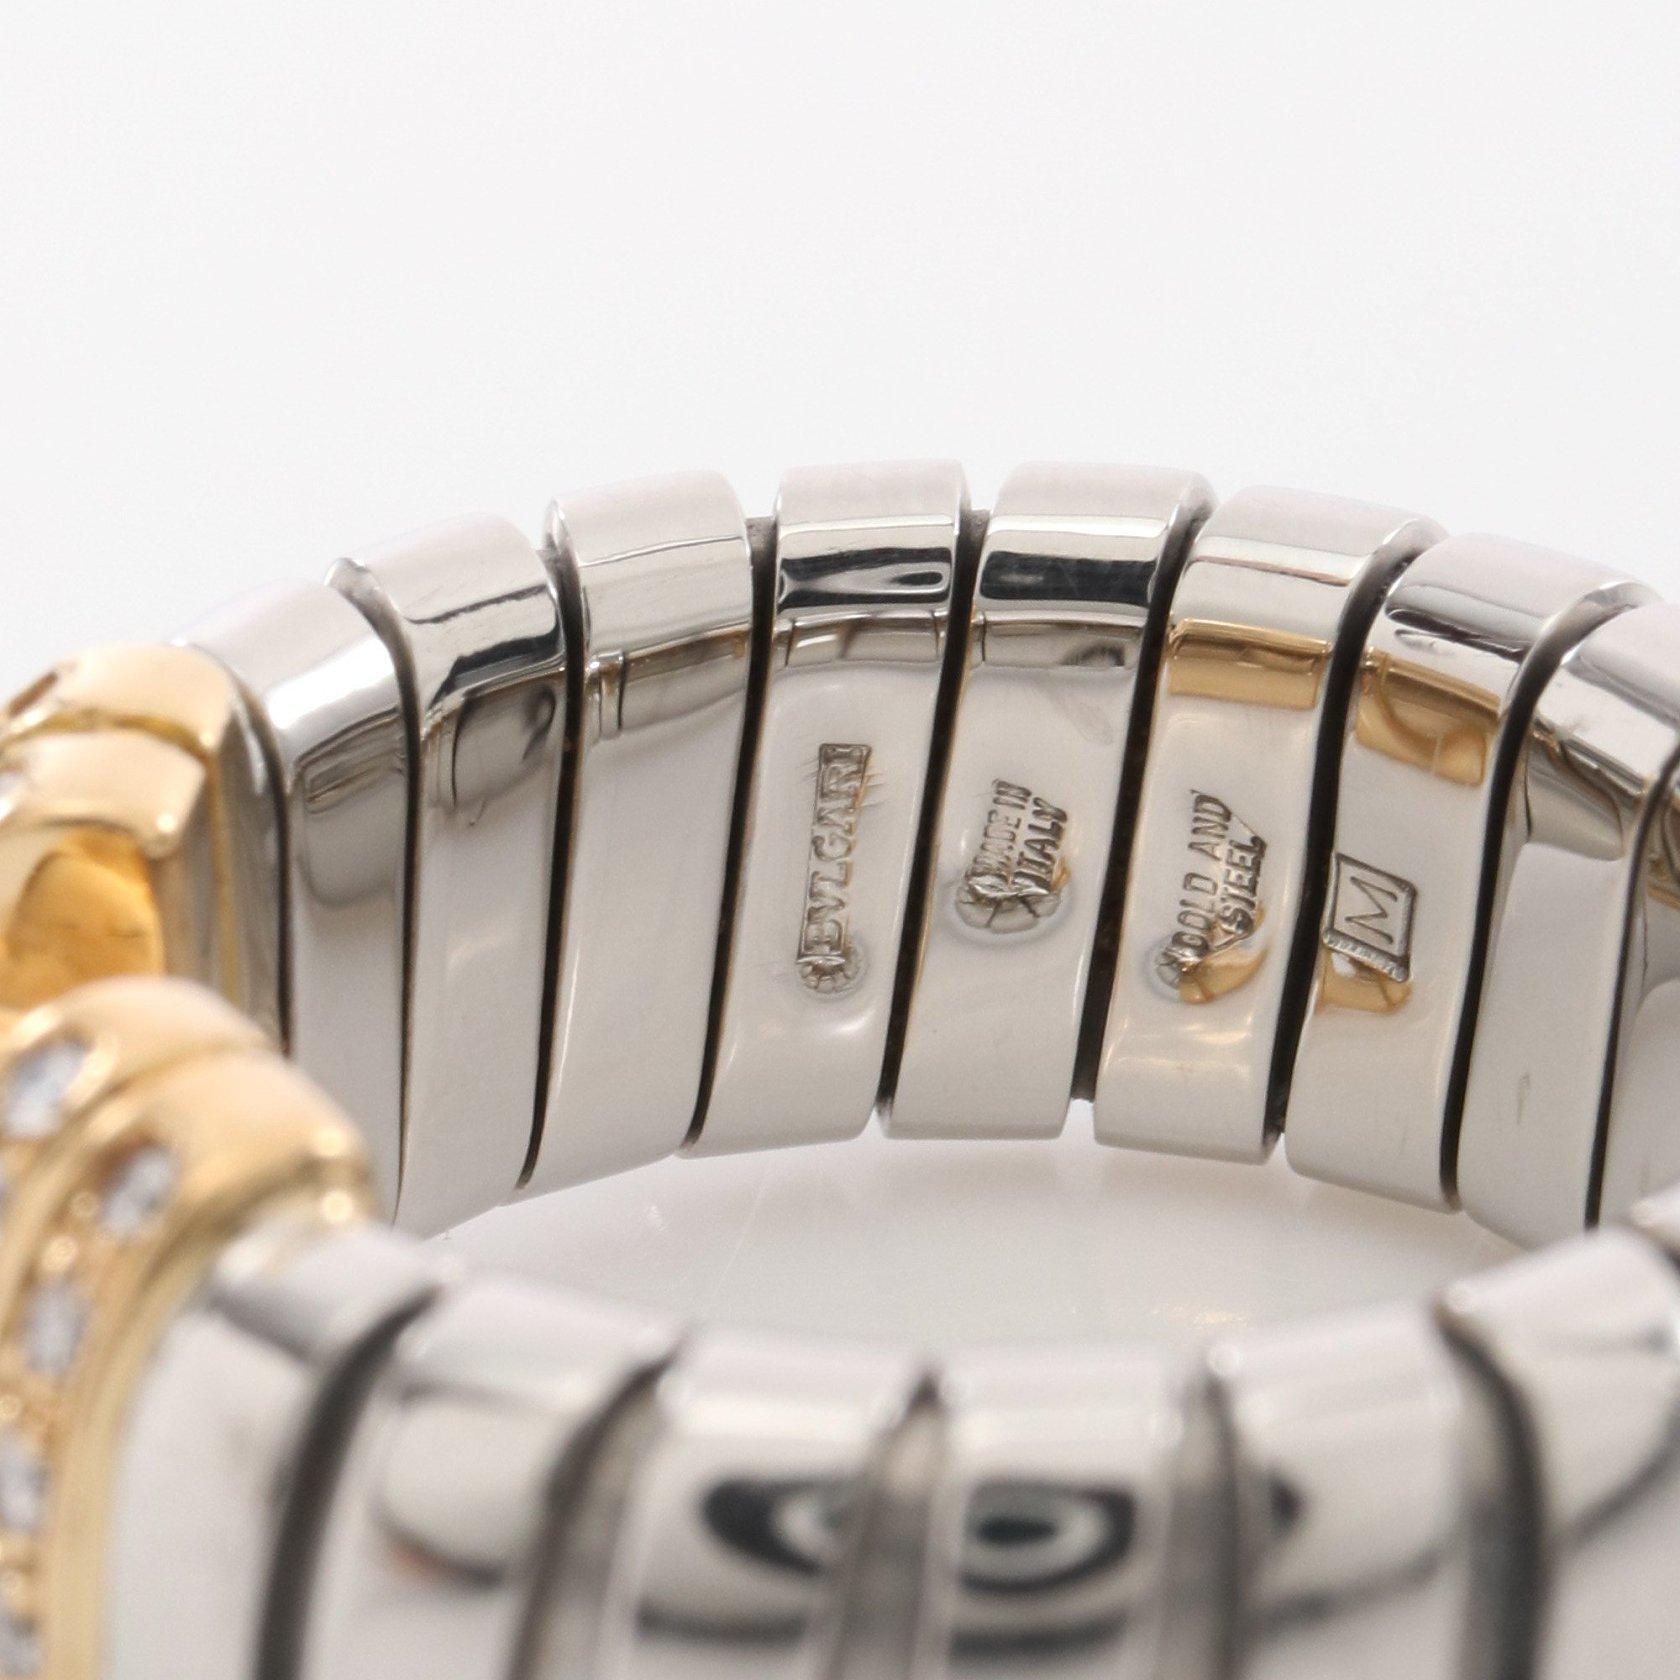 BVLGARI・アクセサリー・パレンテシ トゥボガス リング 指輪 K18YG SS ダイヤモンド イエローゴールド シルバー